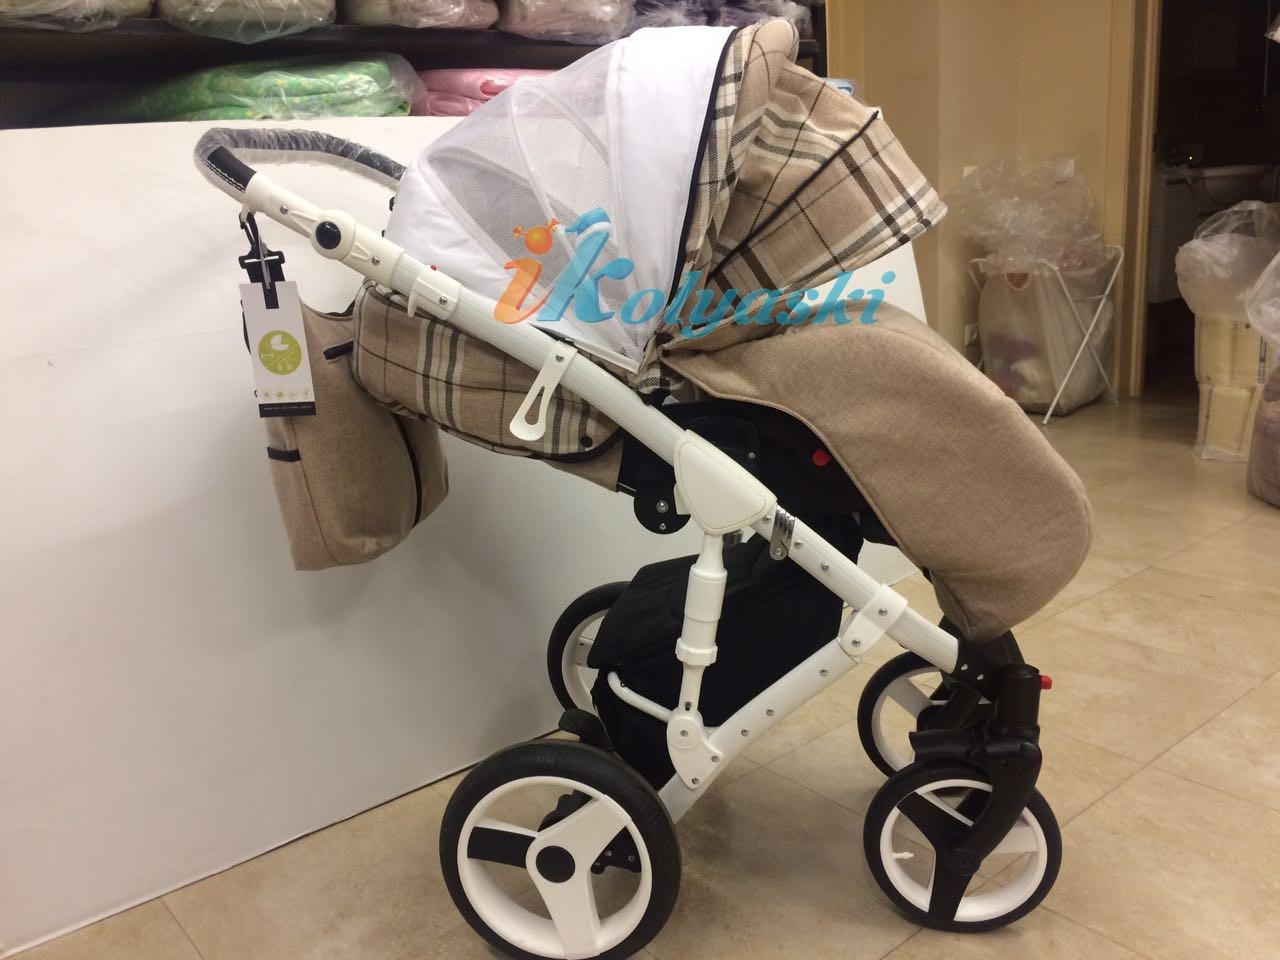 Коляска для новорожденных Little Trek Avenir ,  в прогулочном блоке колпак на лето раскрывается для вентиляции, в него вшита анти москитная сетка